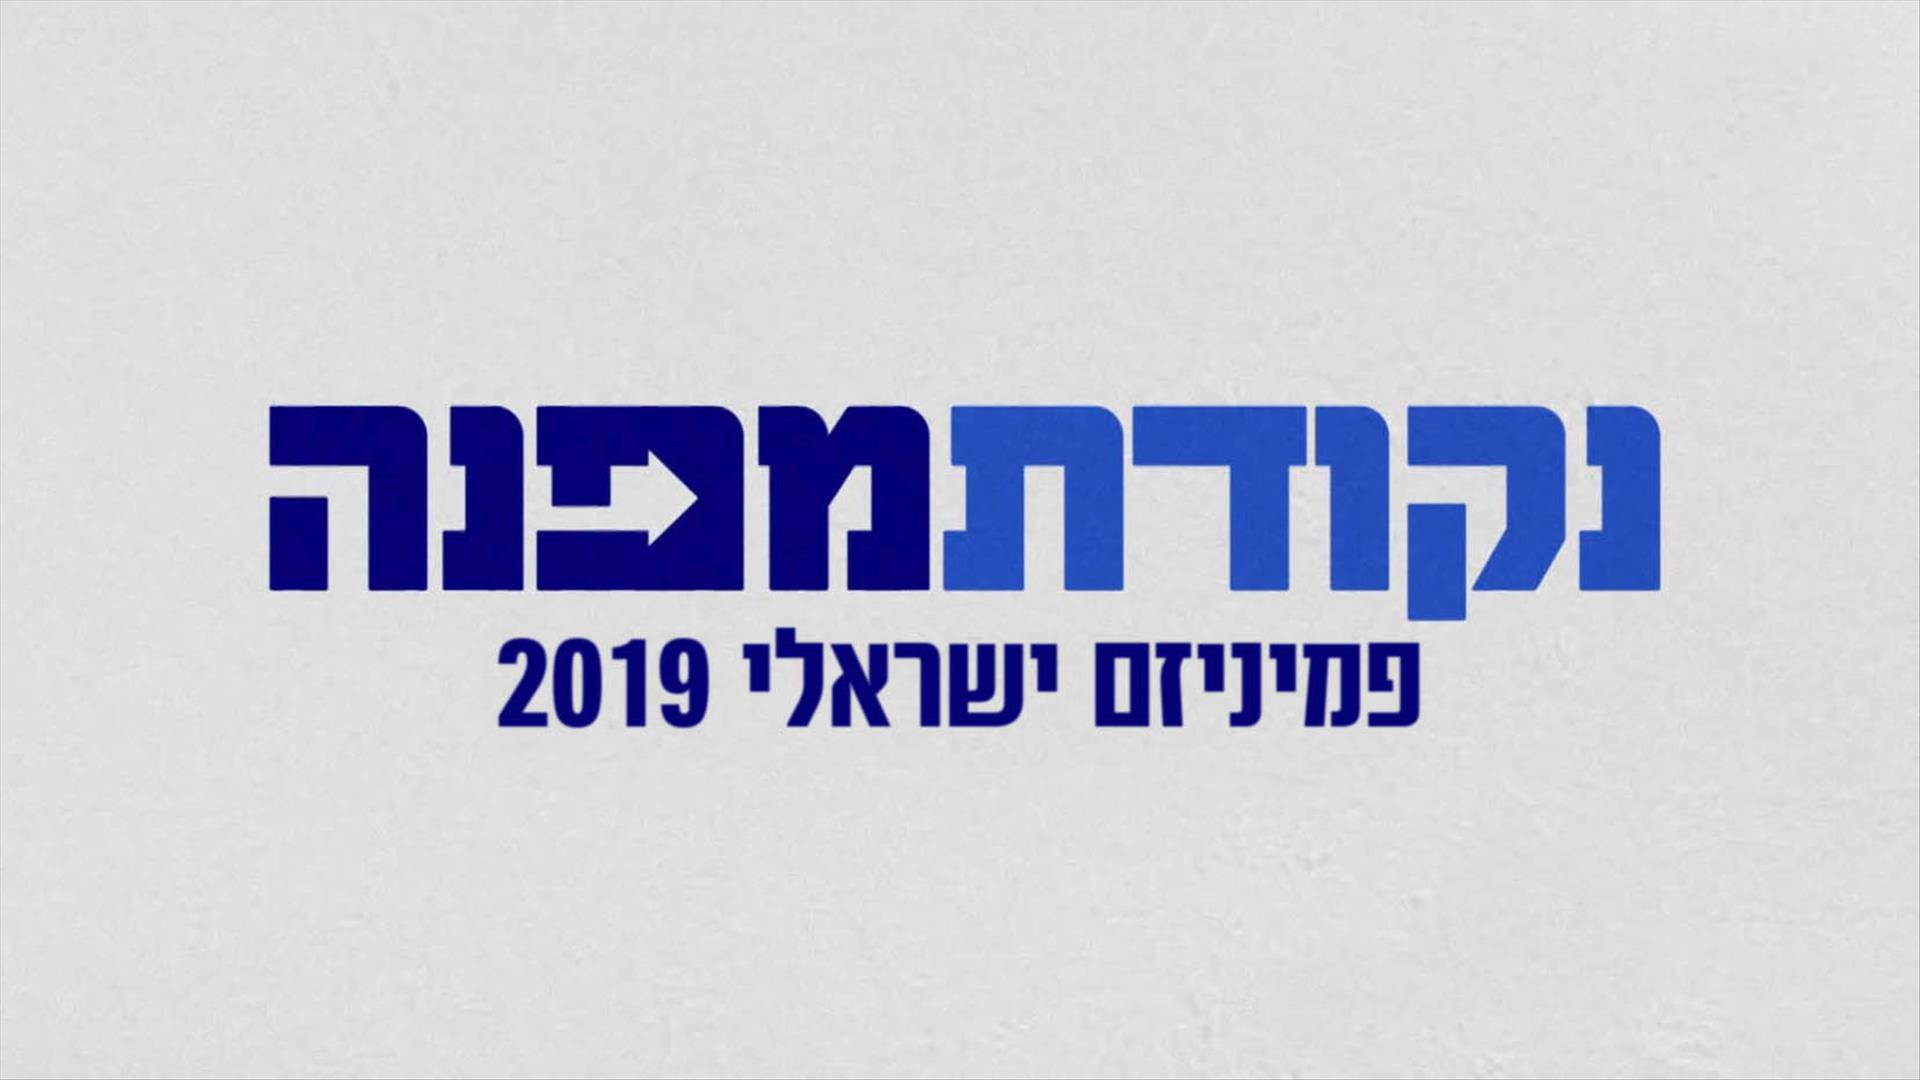 נקודת מפנה | פמיניזם ישראלי 2019